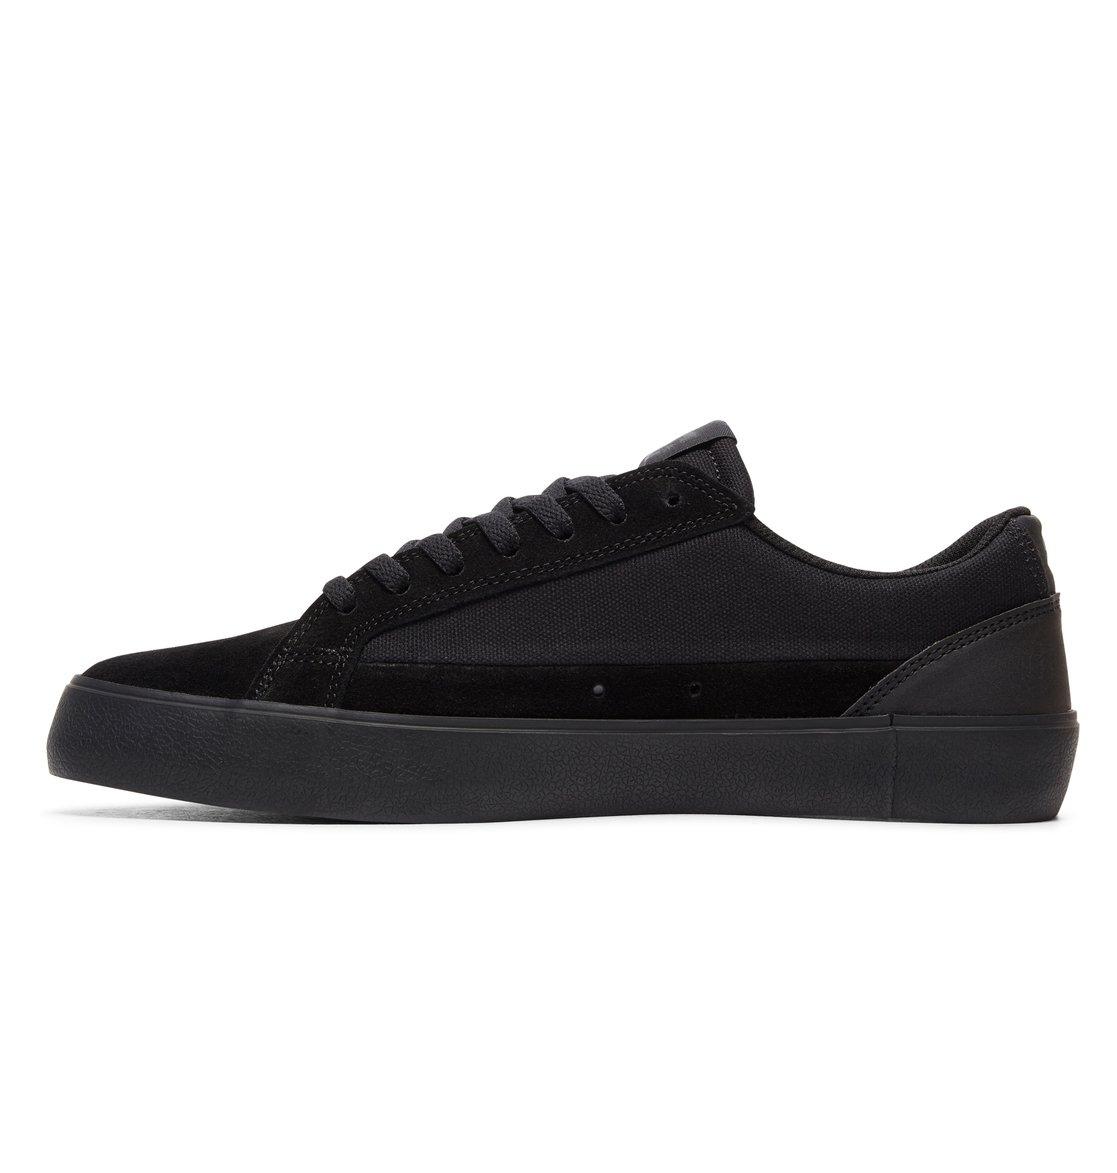 Lynnfield S - Chaussures de skate - Noir - DC Shoes